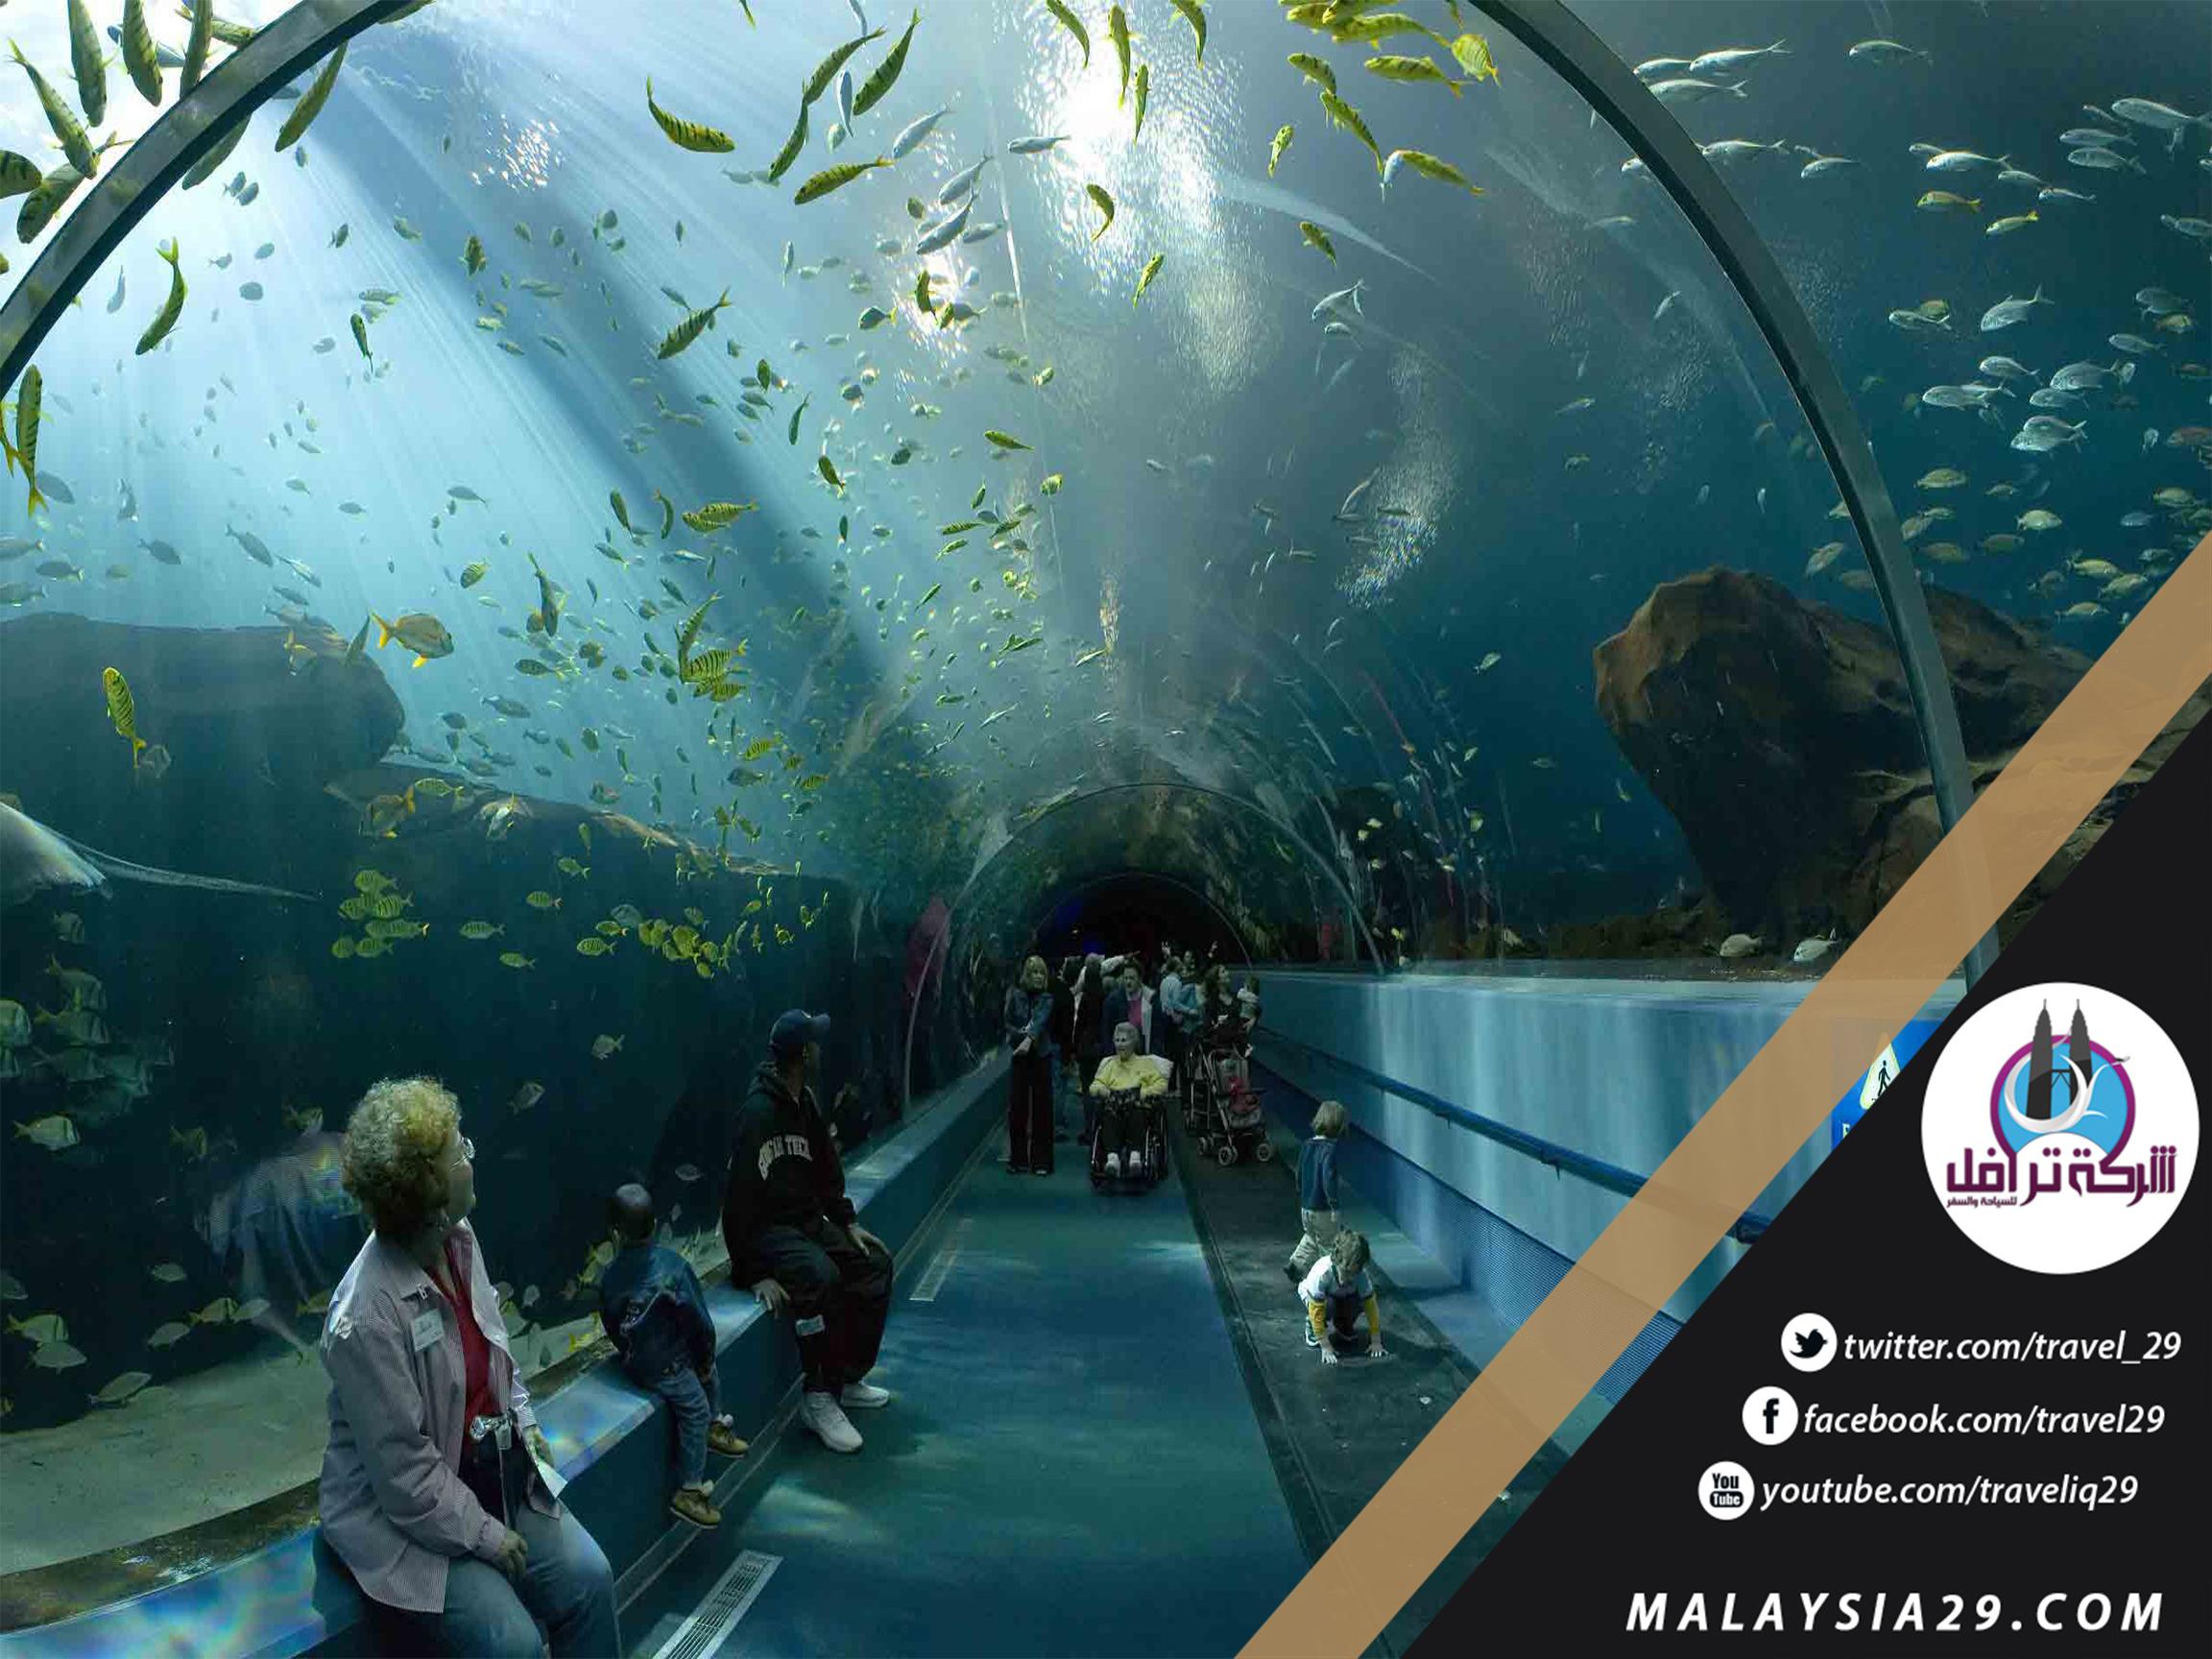 أفضل 5 أنشطة في عالم تحت الماء لنكاوي | عالم تحت الماء لنكاوى ماليزيا